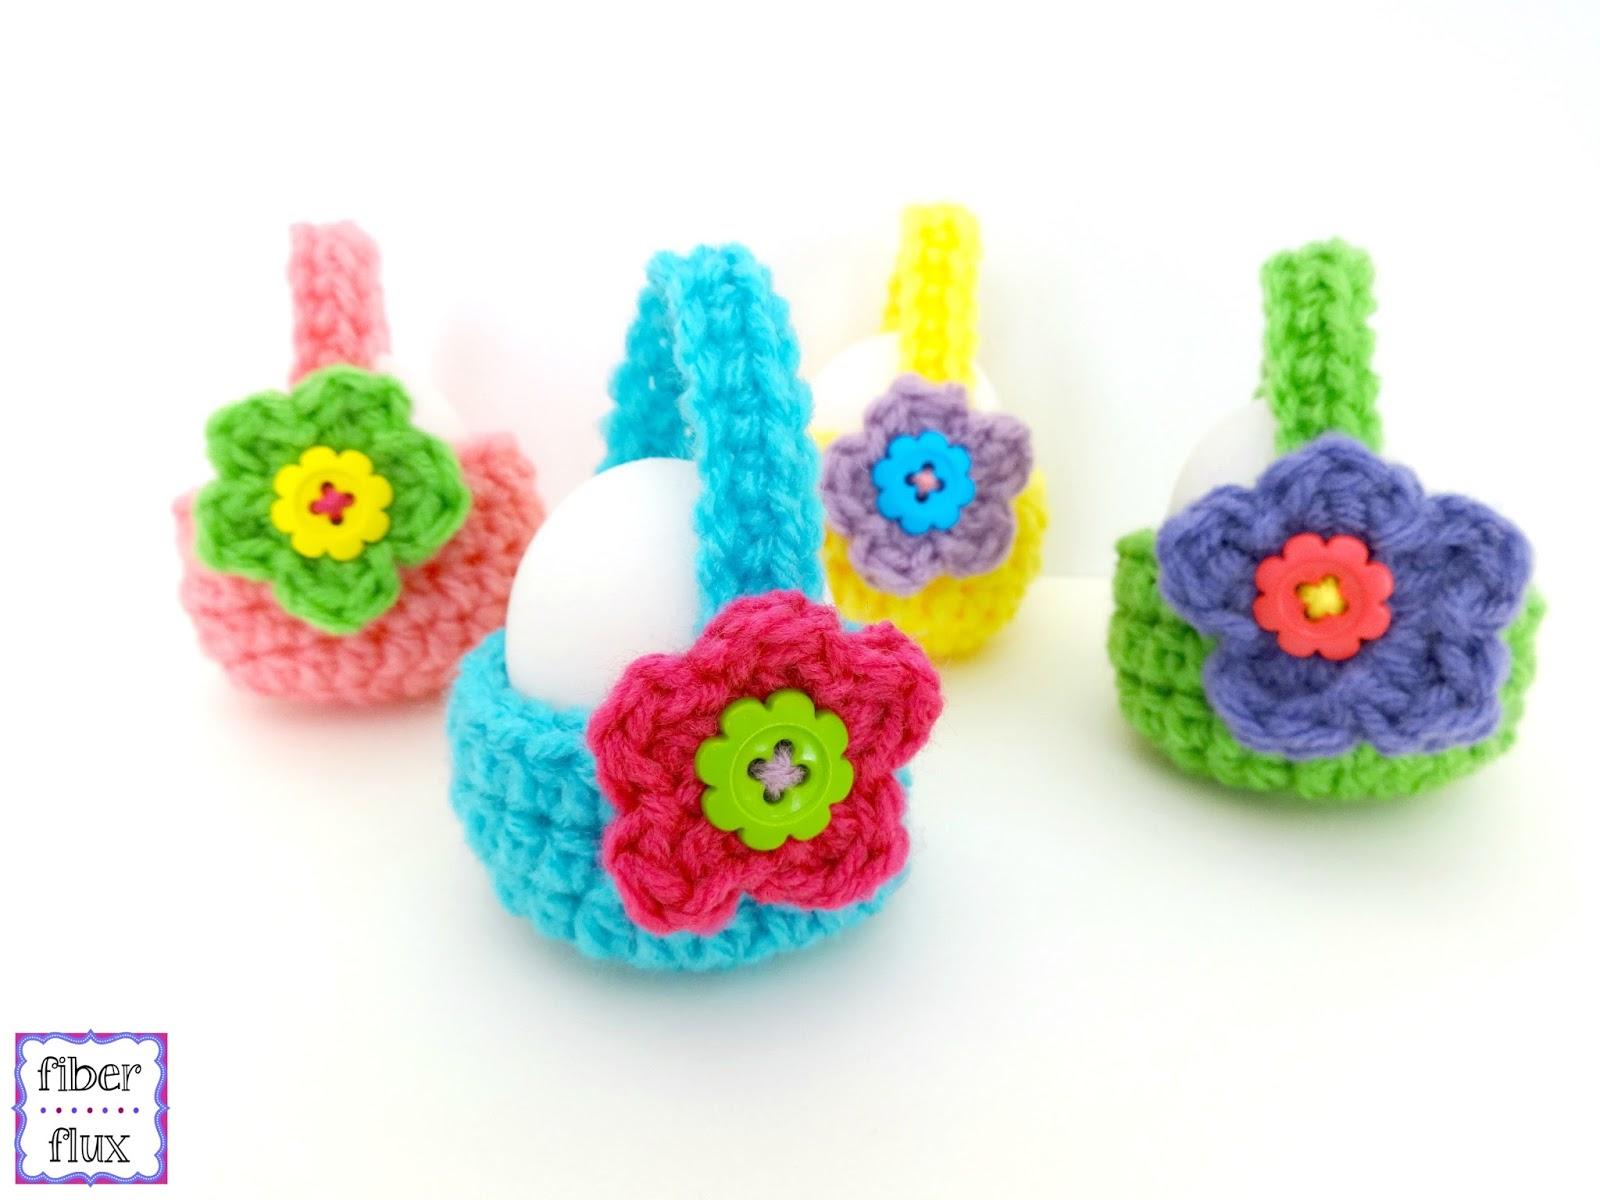 Fiber flux free crochet patternttle egg baskets free crochet patternttle egg baskets bankloansurffo Gallery